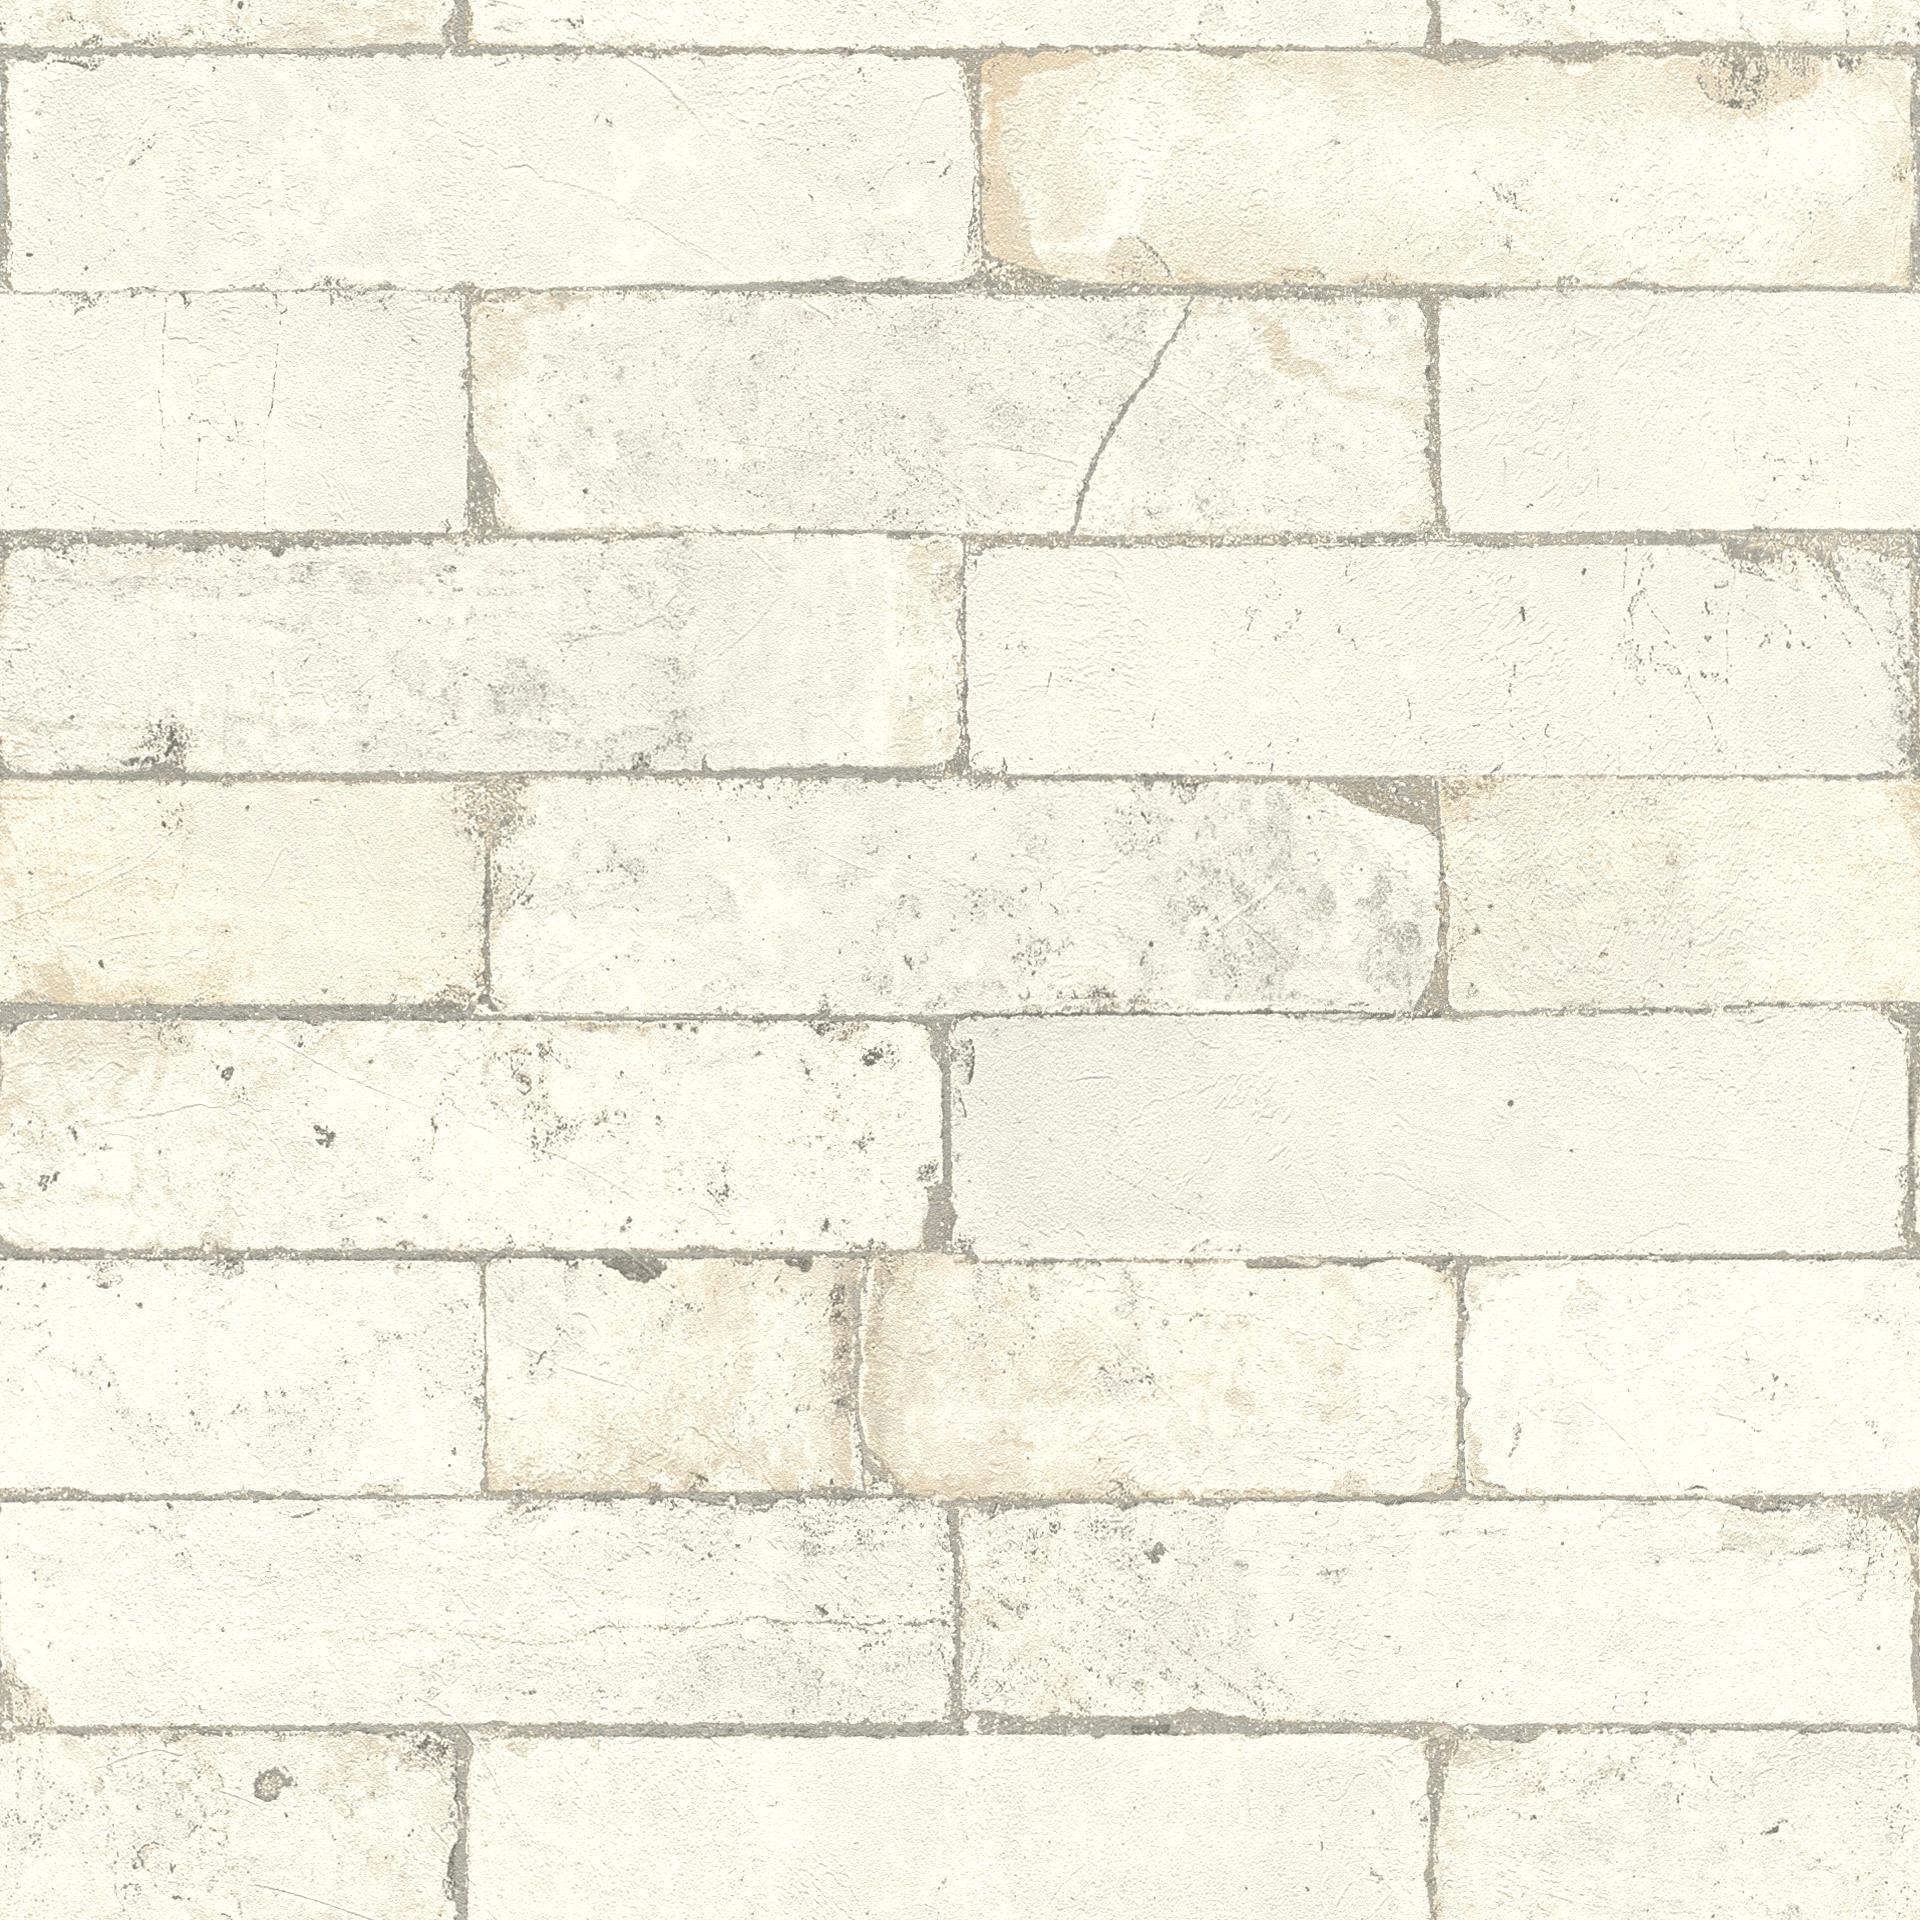 Mur Effet Brique Blanche papier peint imitation brique, blanc, collection factory iii